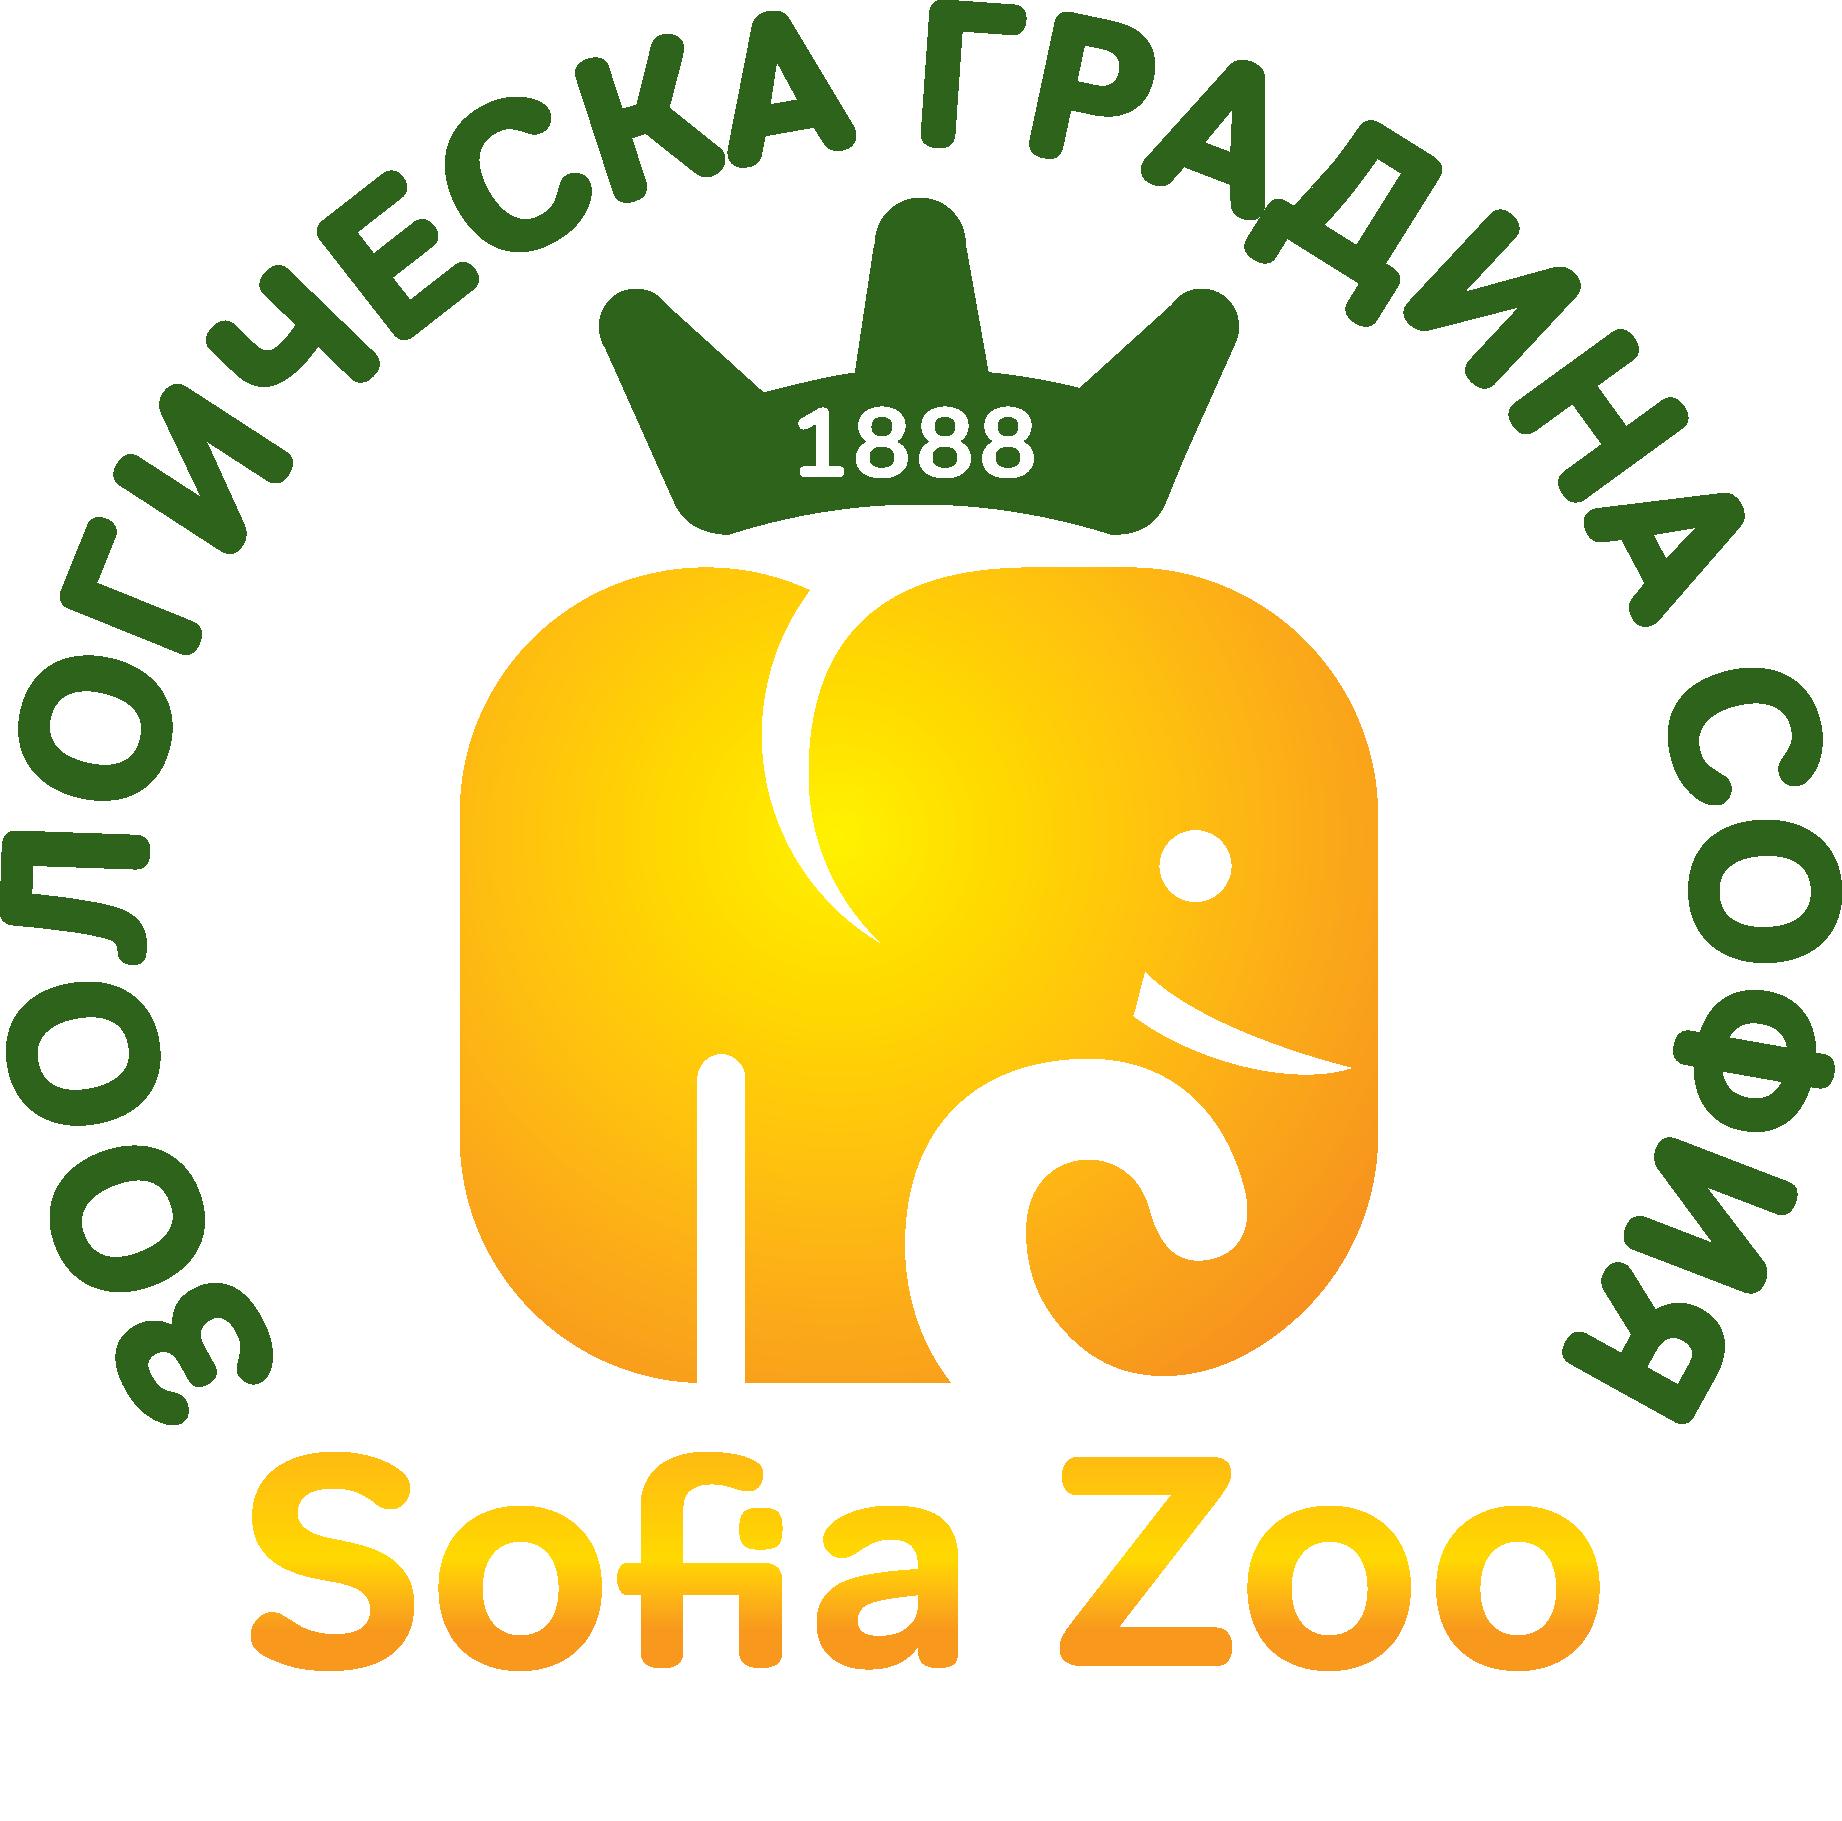 Зоологическа градина София лого